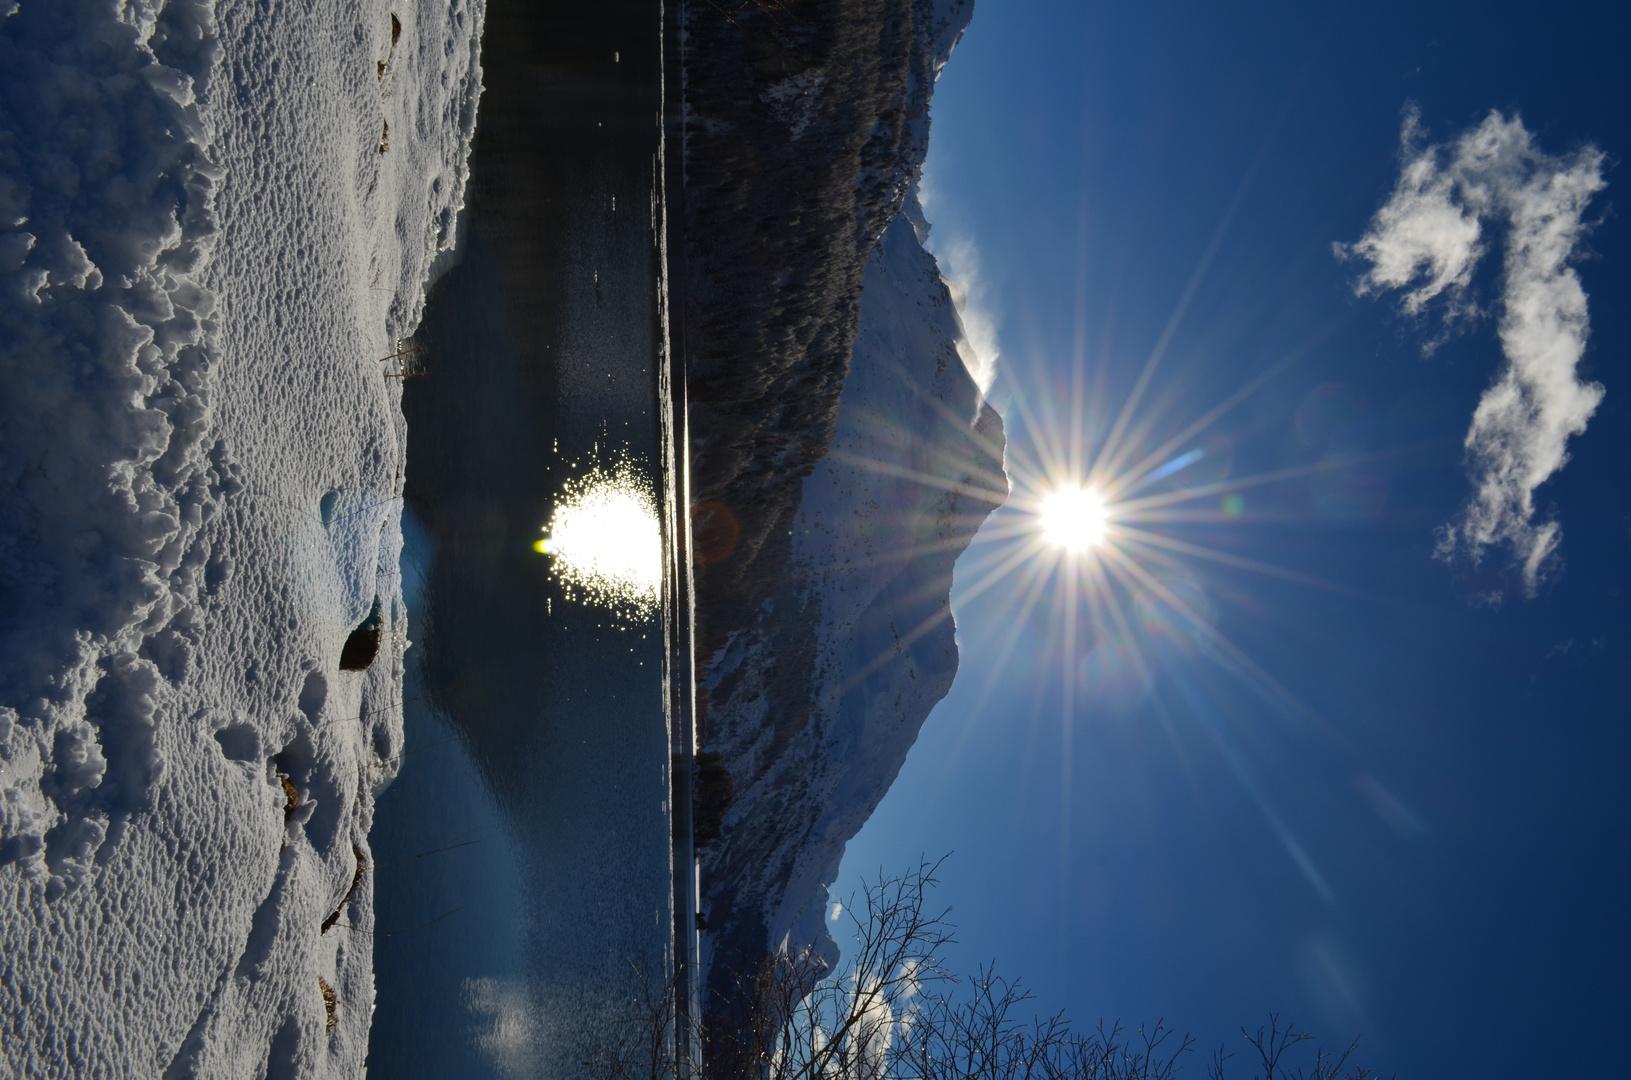 Sonnenschein am Silsersee